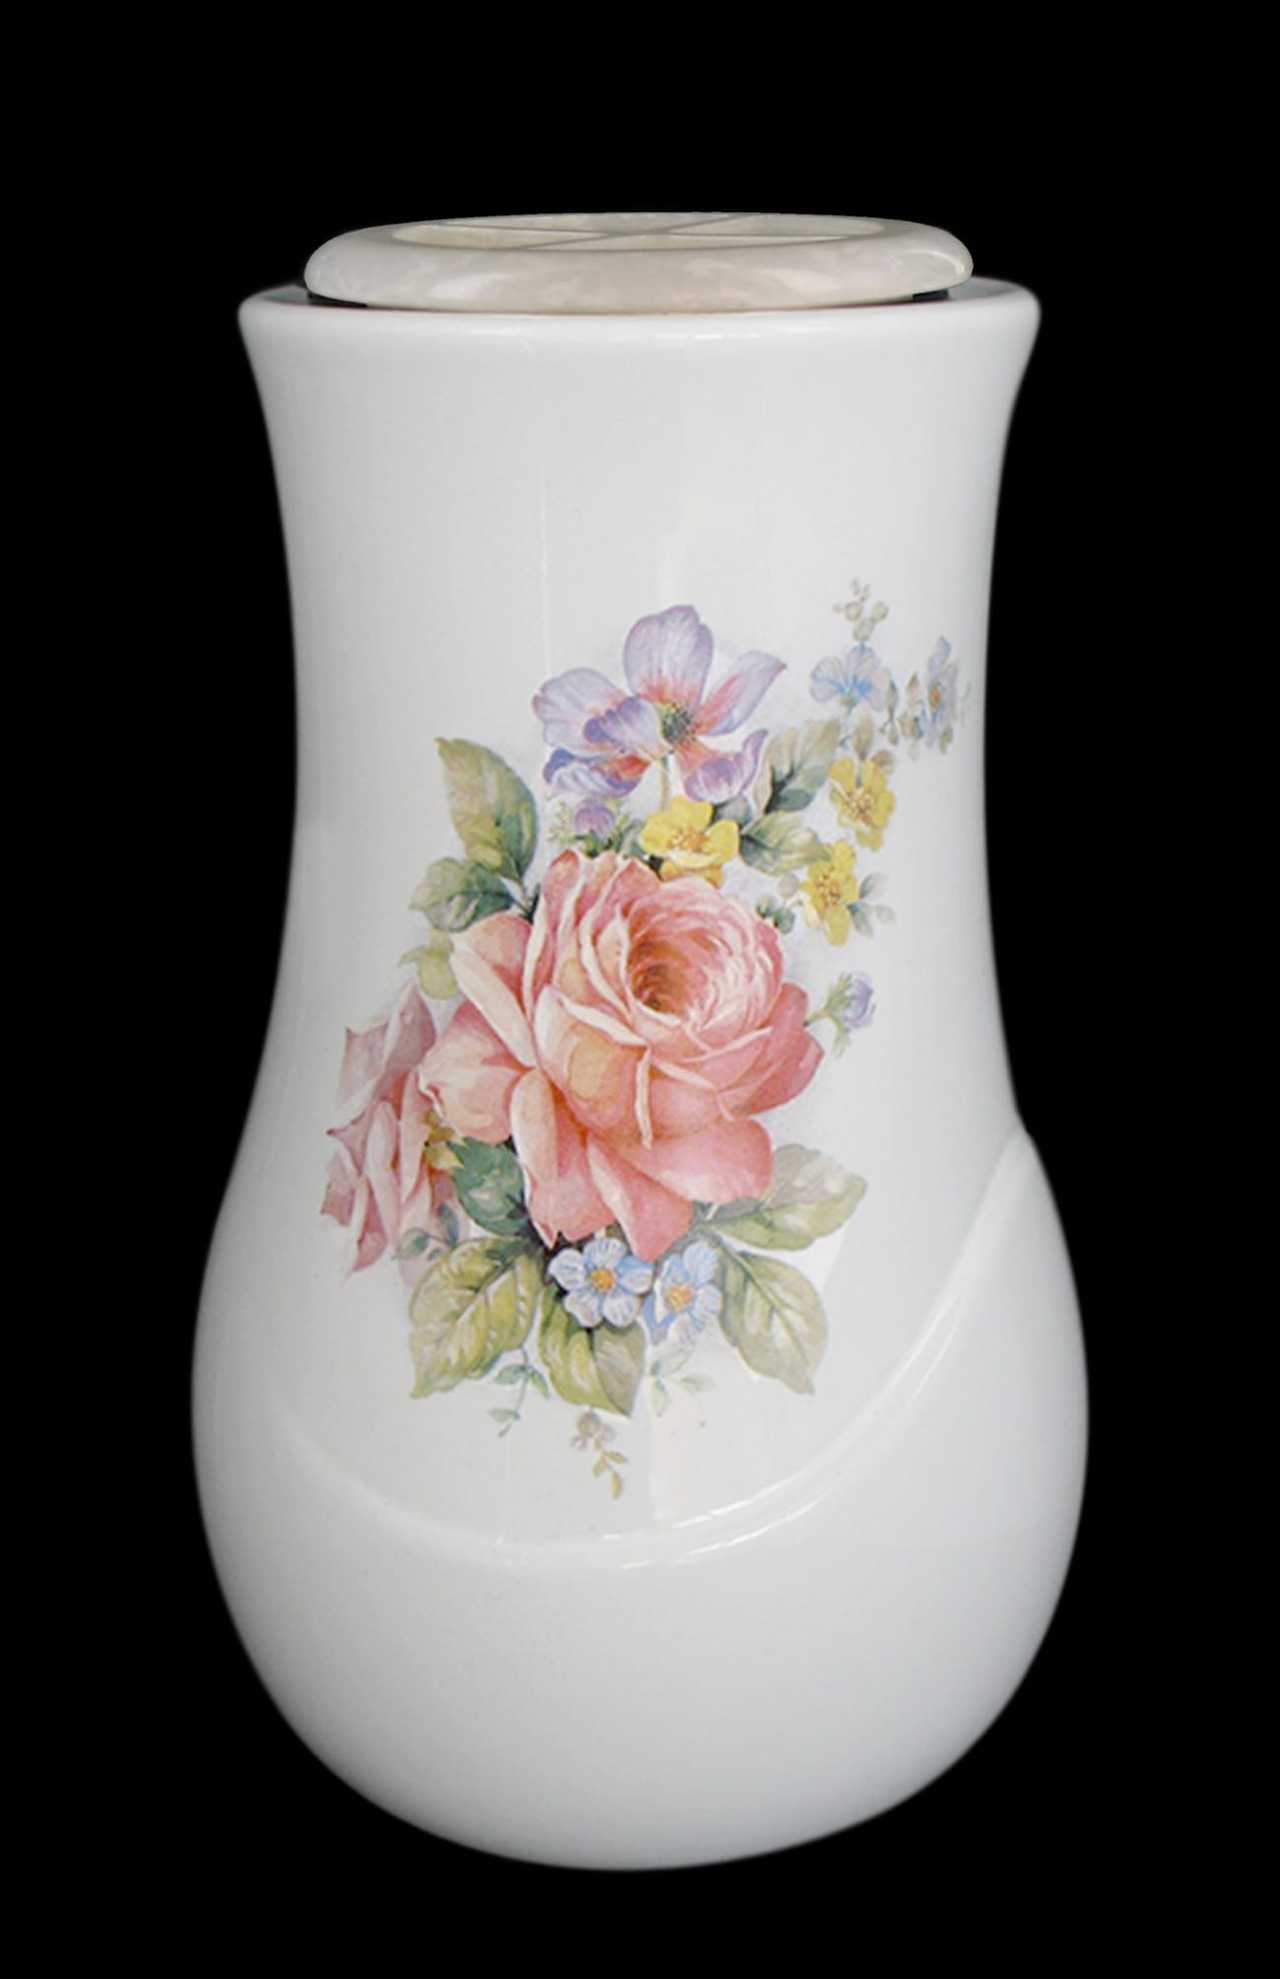 Vaso da parete realizzato in porcellana limonge. In dotazione contenitore in plastica per fiori e kit di viti in ottone per il montaggio. Decori indelebili prodotti artigianalmente e cotti al forno a 900 gradi.